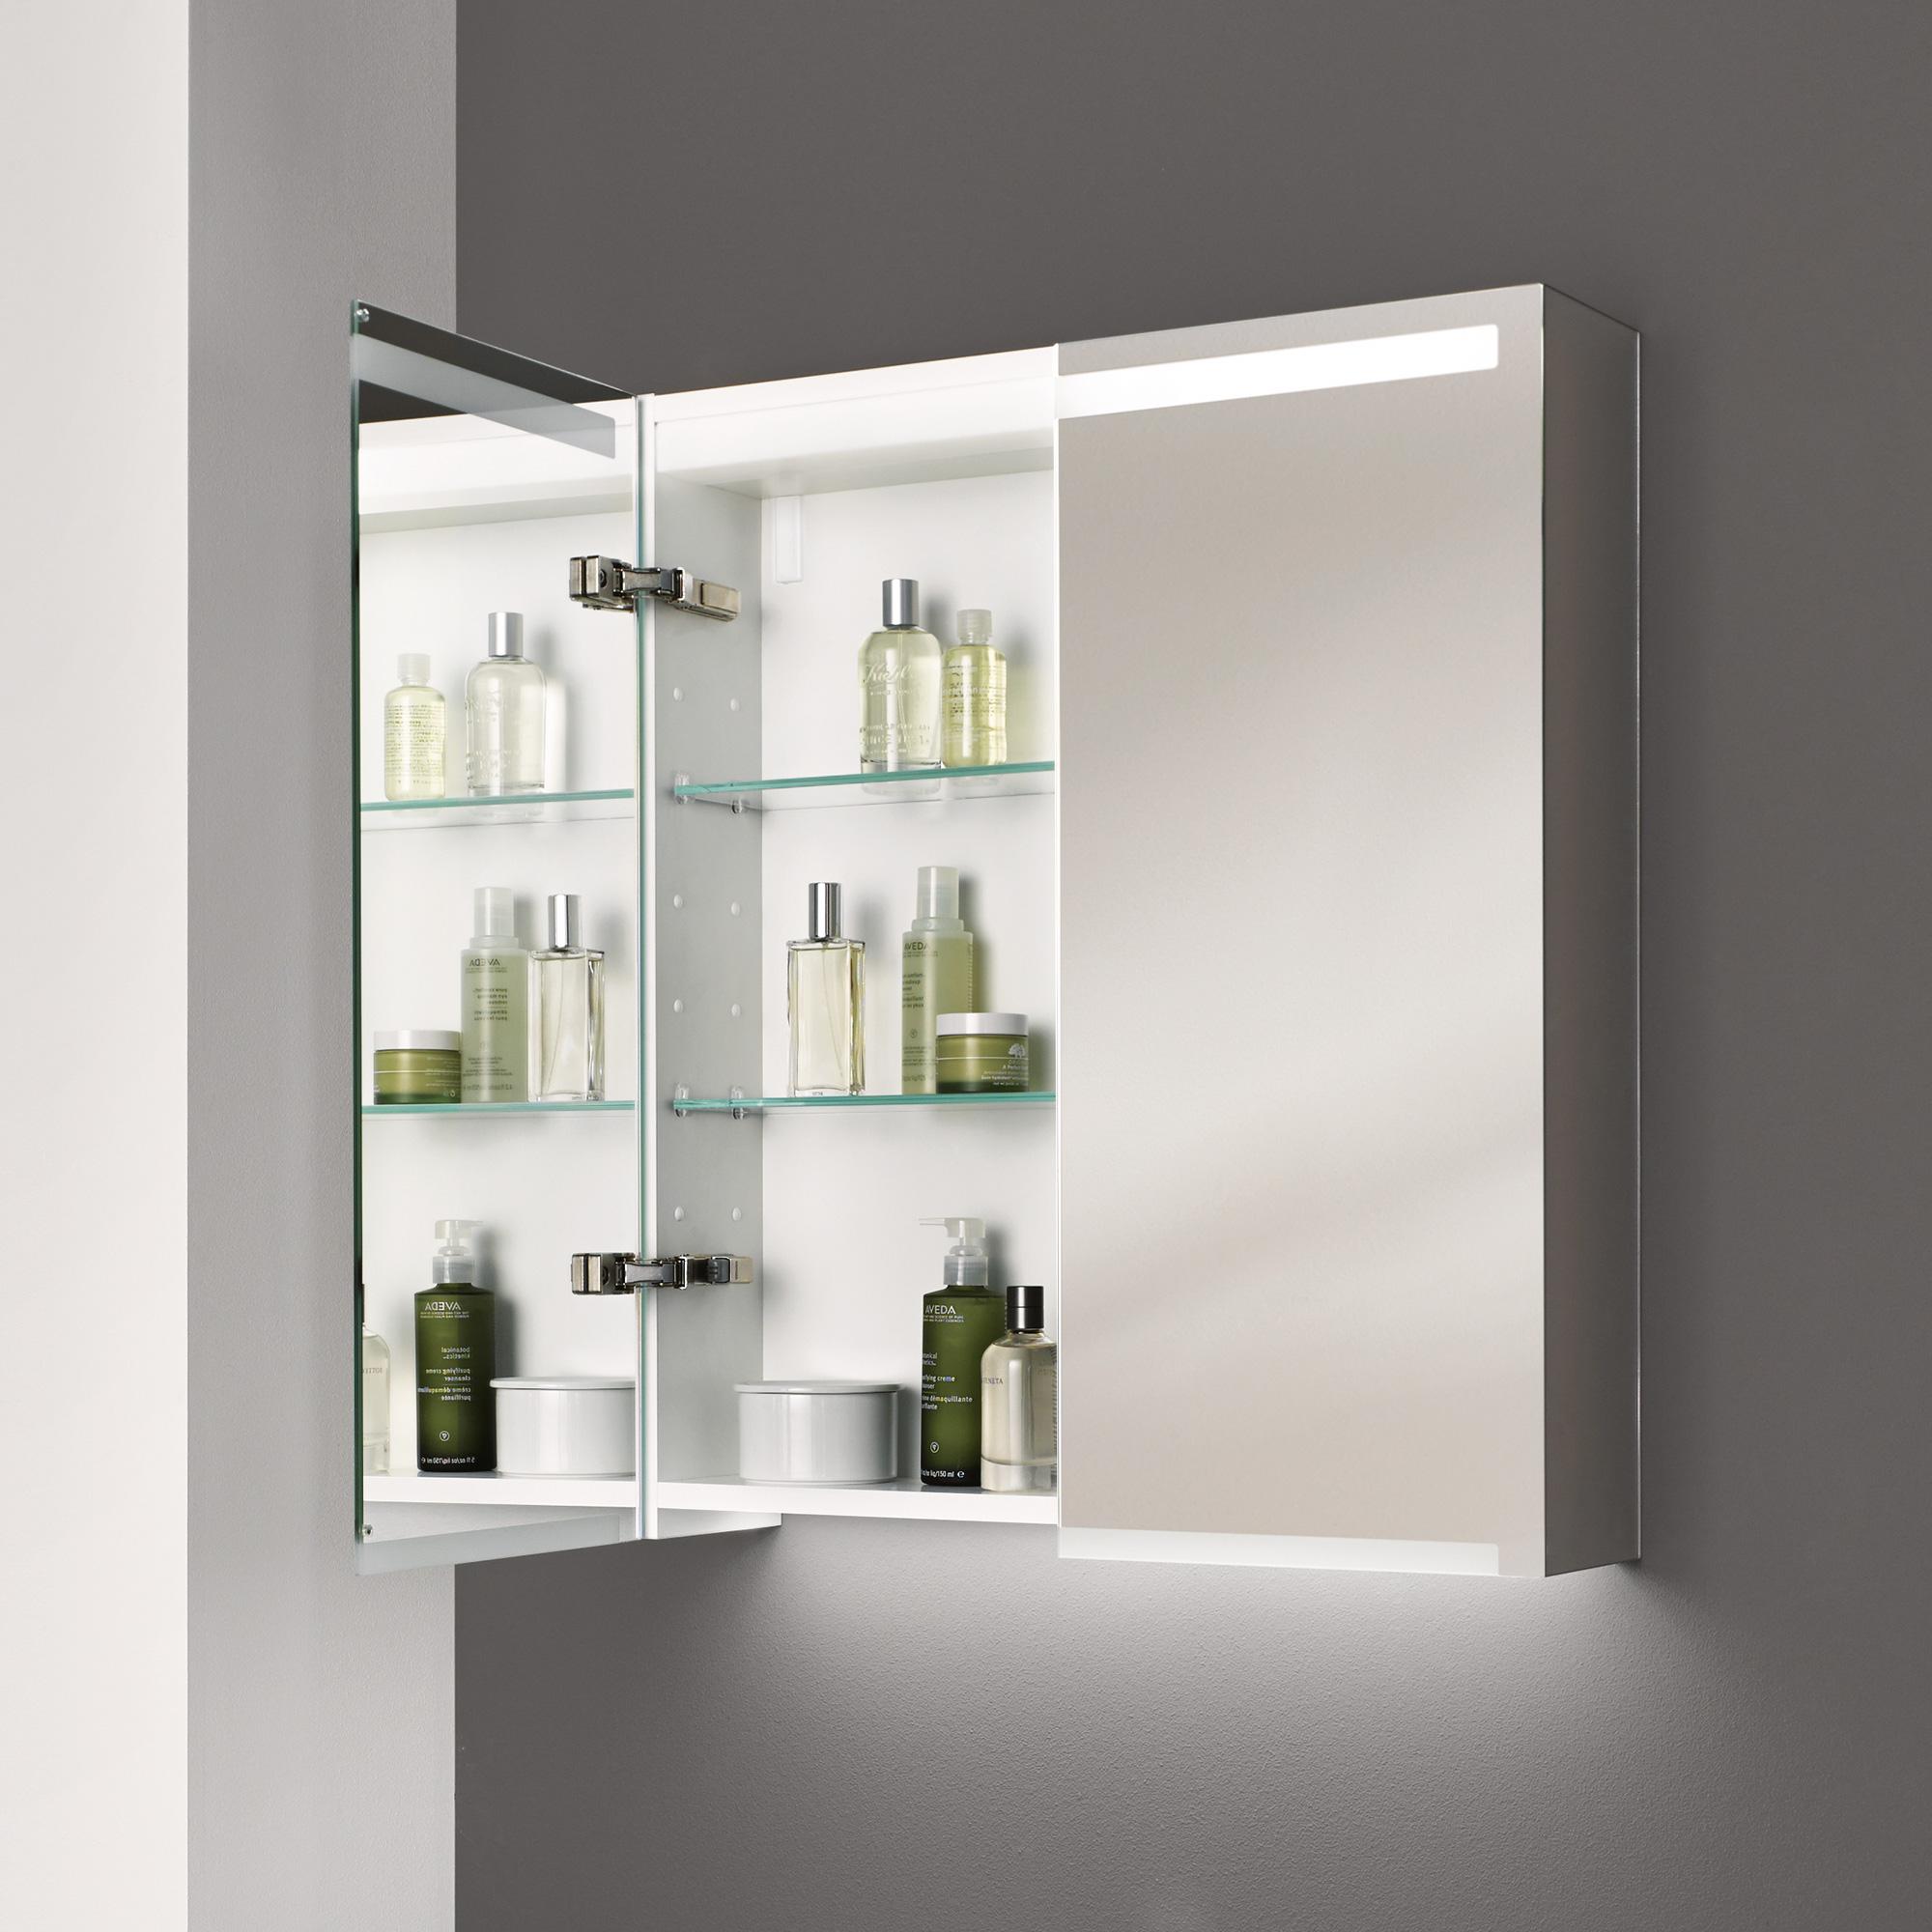 Keramag Option Spiegelschrank B: 60 H: 70 T: 15 cm   800360000